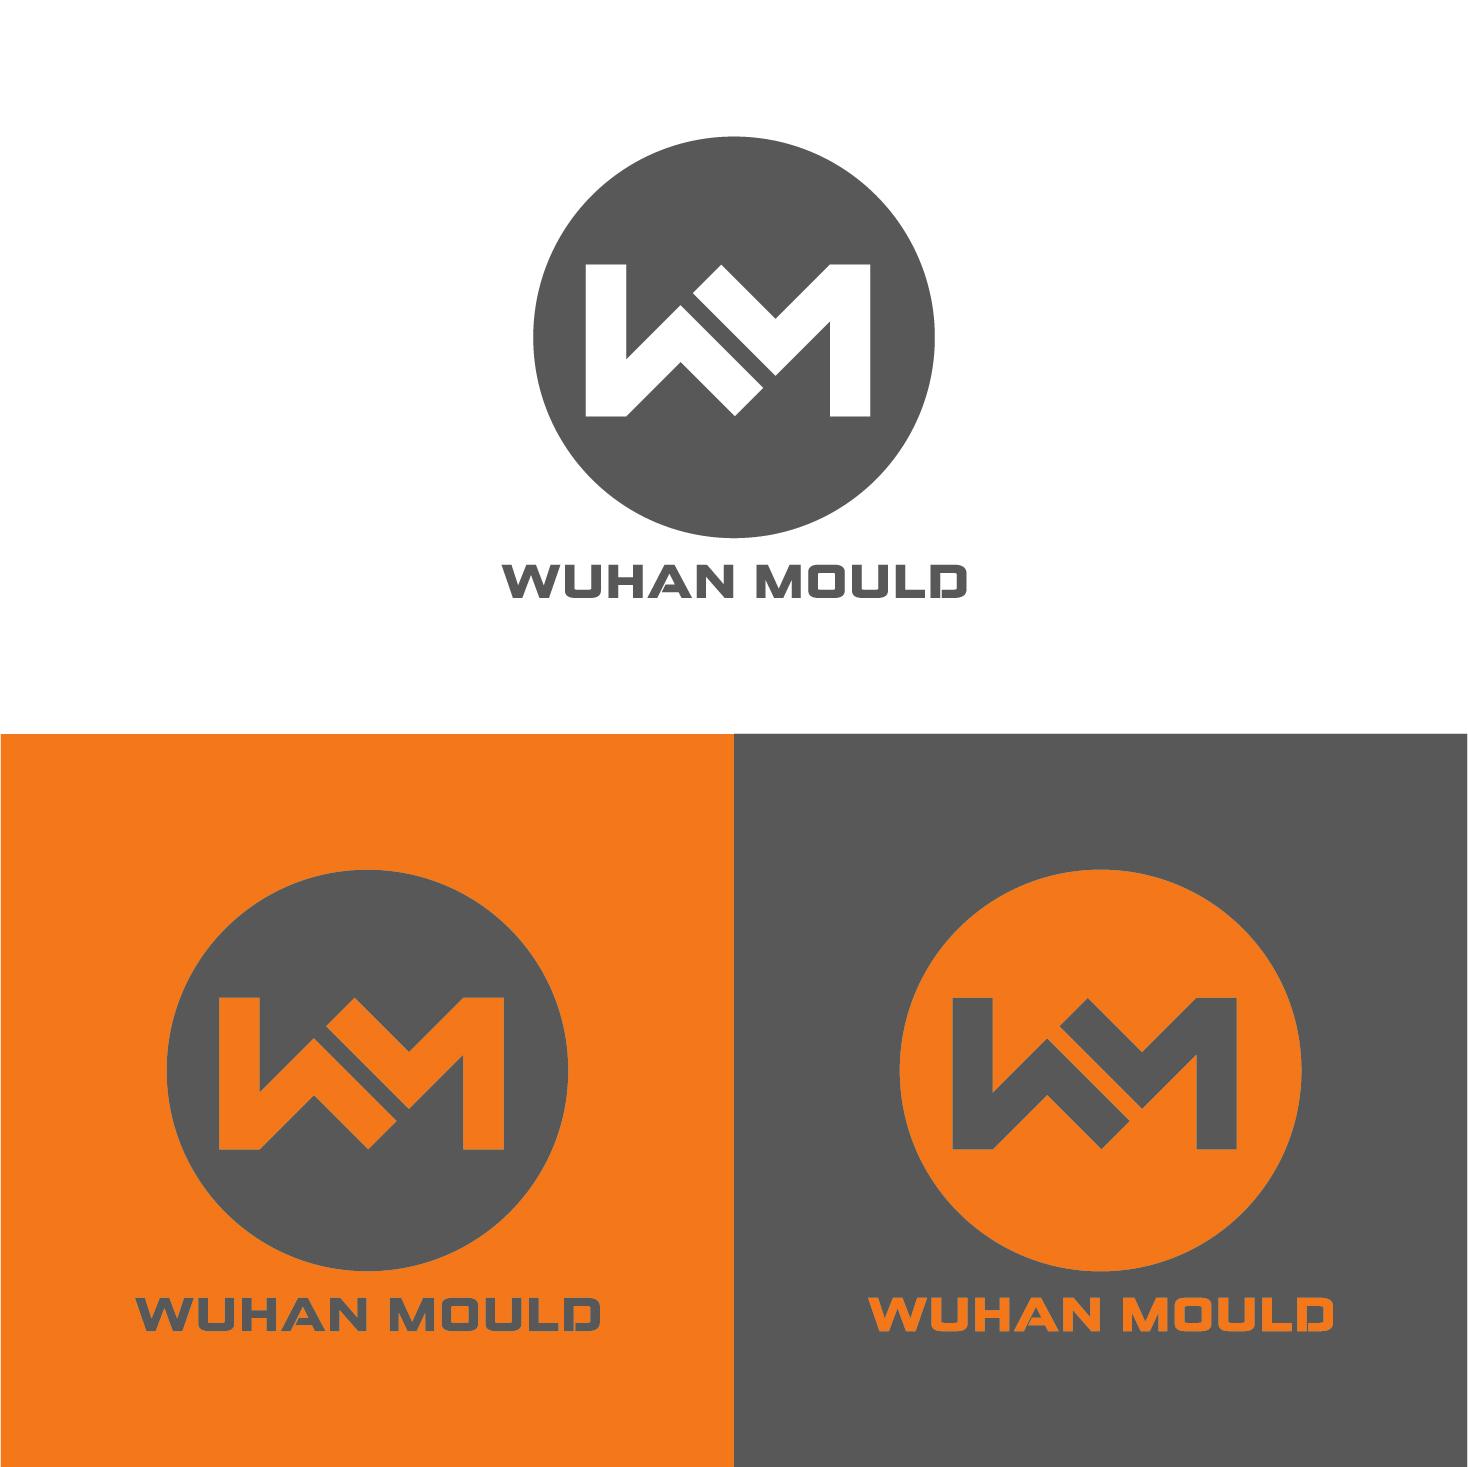 Создать логотип для фабрики пресс-форм фото f_4995989af5ee75e2.jpg